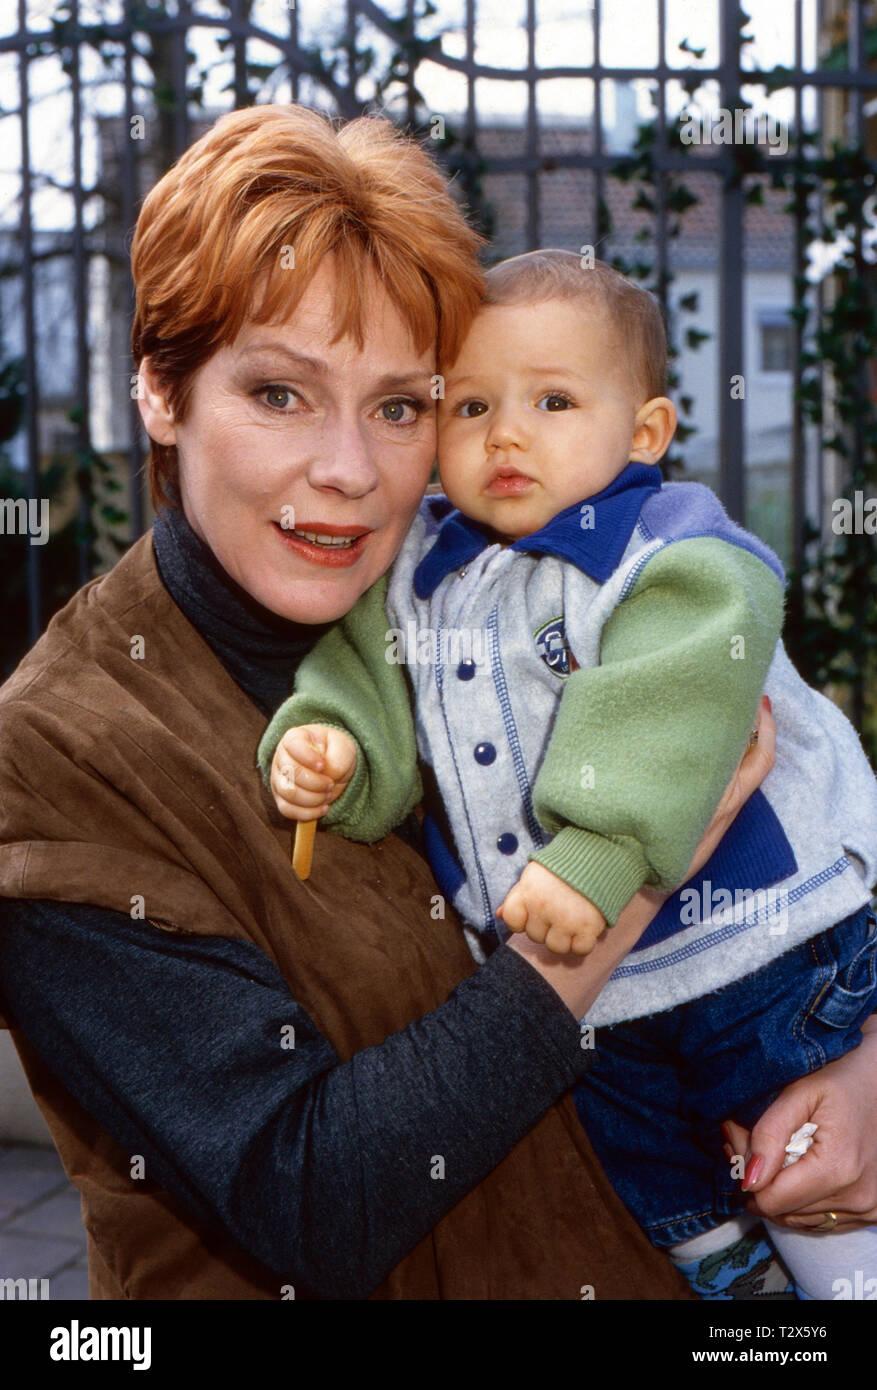 Marienhof, Fernsehserie, Deutschland 1992 - 2011, Folge 'Ronny wird erwachsen', Darsteller: Viktoria Brams, Laura Dorner - Stock Image